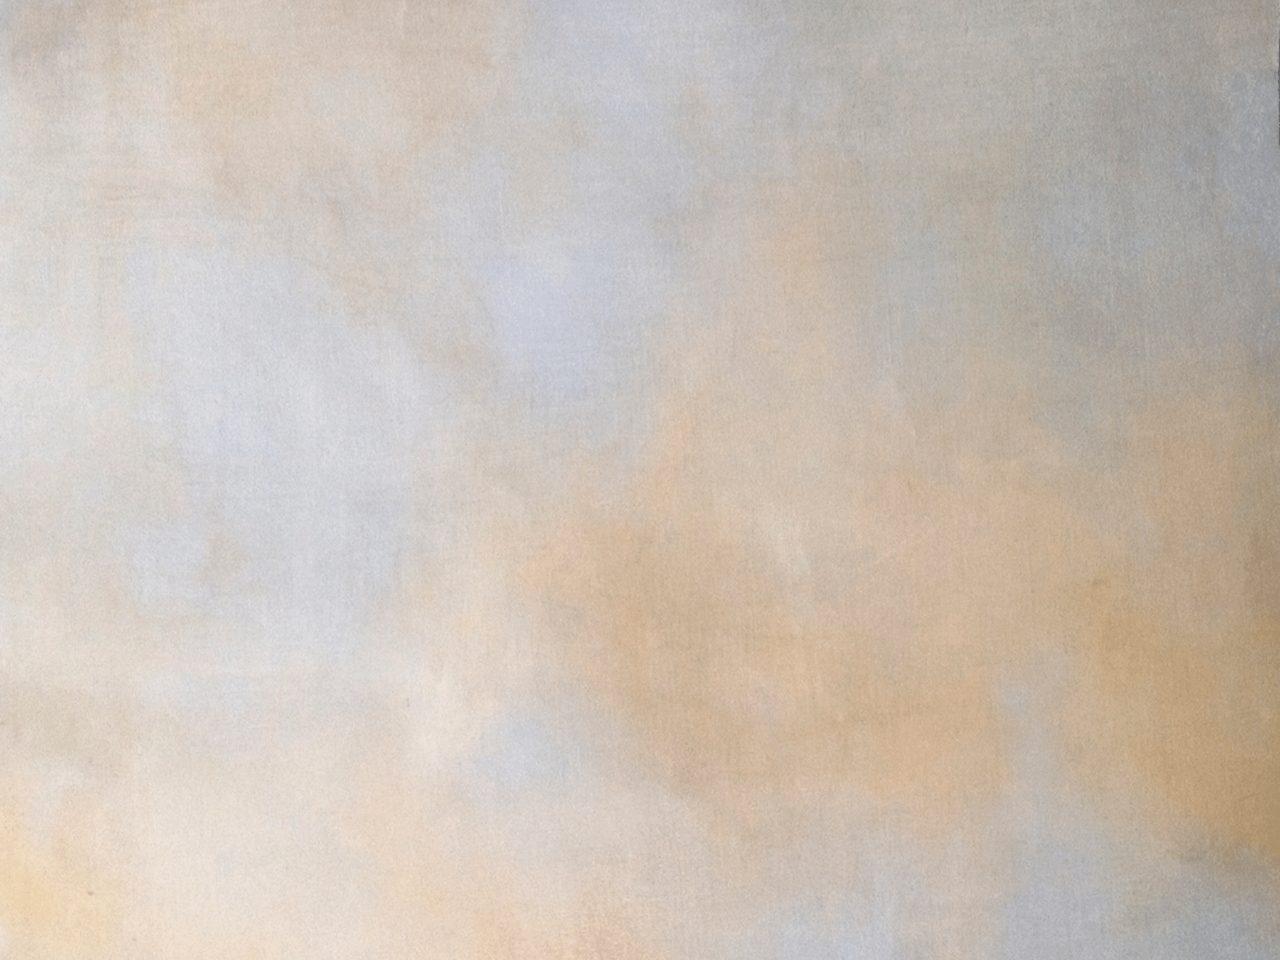 telas-pintadas-a-mano-abstractas-Carol-Moreno-acrilico-wall-art-muralista-pintora-